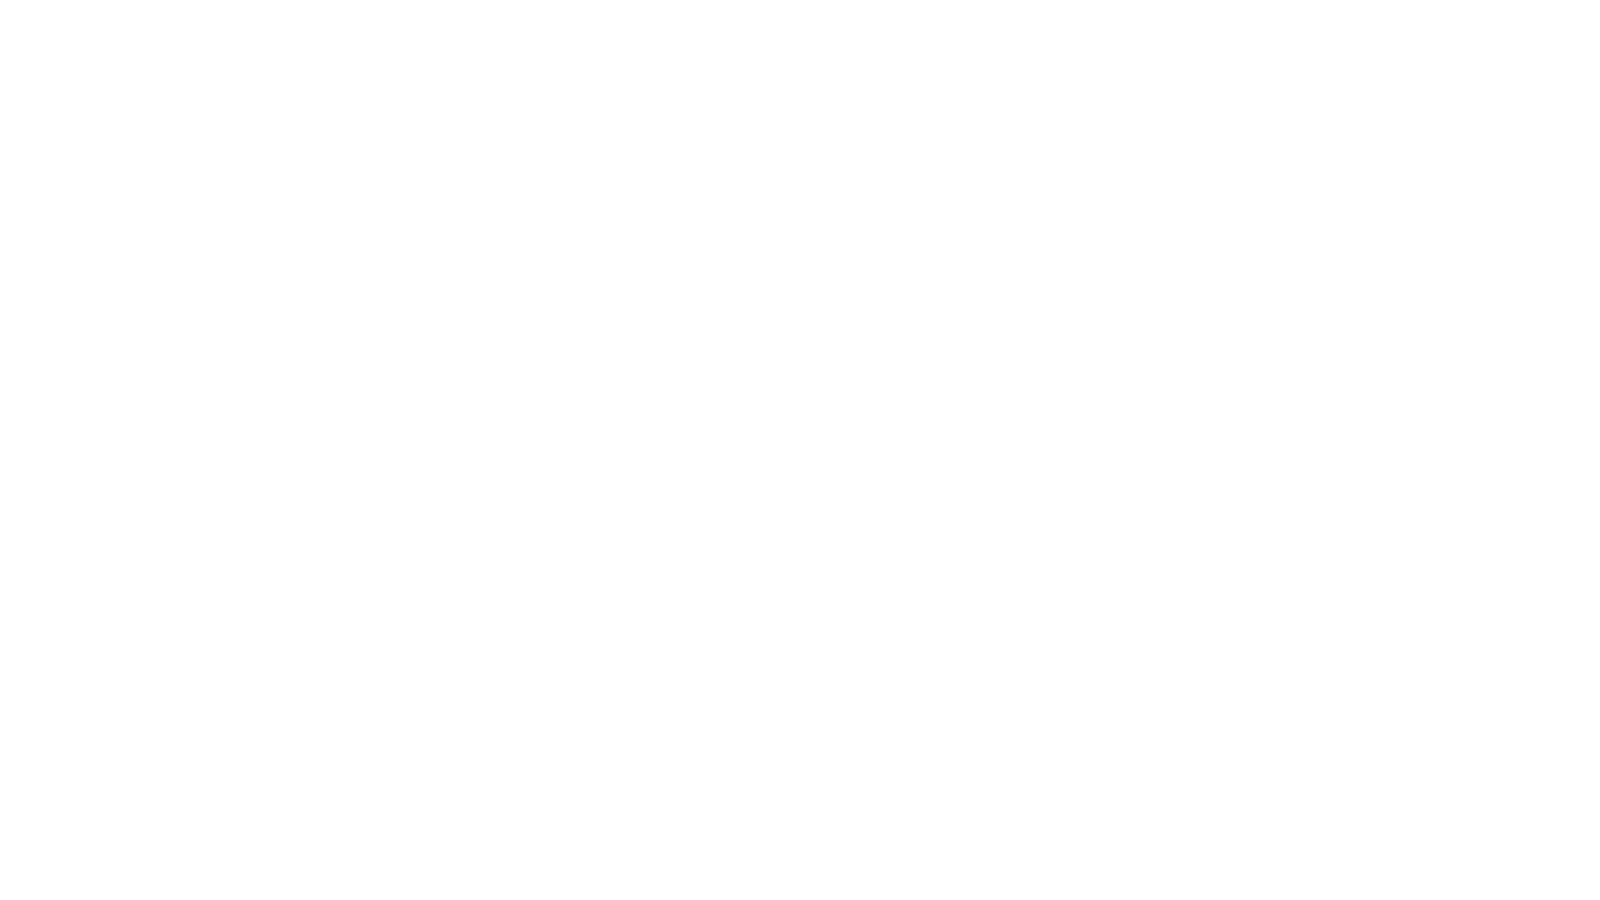 https://www.facebook.com/ibengvir/videos/2684319398527336  https://www.facebook.com/ibengvir/videos/2120557364752810  תירשמו בבקשה לערוץ הזה  אתר תמיכה לא רשמי במפלגת עוצמה יהודית: https://ozma-yeudit.com/?lang=he  תעזרו לנו להביא מידע מזווית ימנית לקוראים ברוסית ובעברית: https://ozma-yeudit.com/about/?lang=he#d ערוץ טלגרם: https://t.me/otzma_yeudit MeWe: https://mewe.com/join/ozma   Сайт За Оцма Йегудит на русском и иврите: https://ozma-yeudit.com/ - неофициальный сайт поддержки партии Оцма Йеудит Окажите нам, пожалуйста, посильную помощь для продвижения спасительных для Израиля правых идей: https://ozma-yeudit.com/about/#d Страница в Фейсбук: https://www.facebook.com/ozmayeudit Фейсбук группа: https://www.facebook.com/groups/1969381806717346 Телеграм канал: https://t.me/israelblogru Телеграм группа: https://t.me/israelru Подписывайтесь на канал и ставьте лайки, чтобы увидеть новые видео.